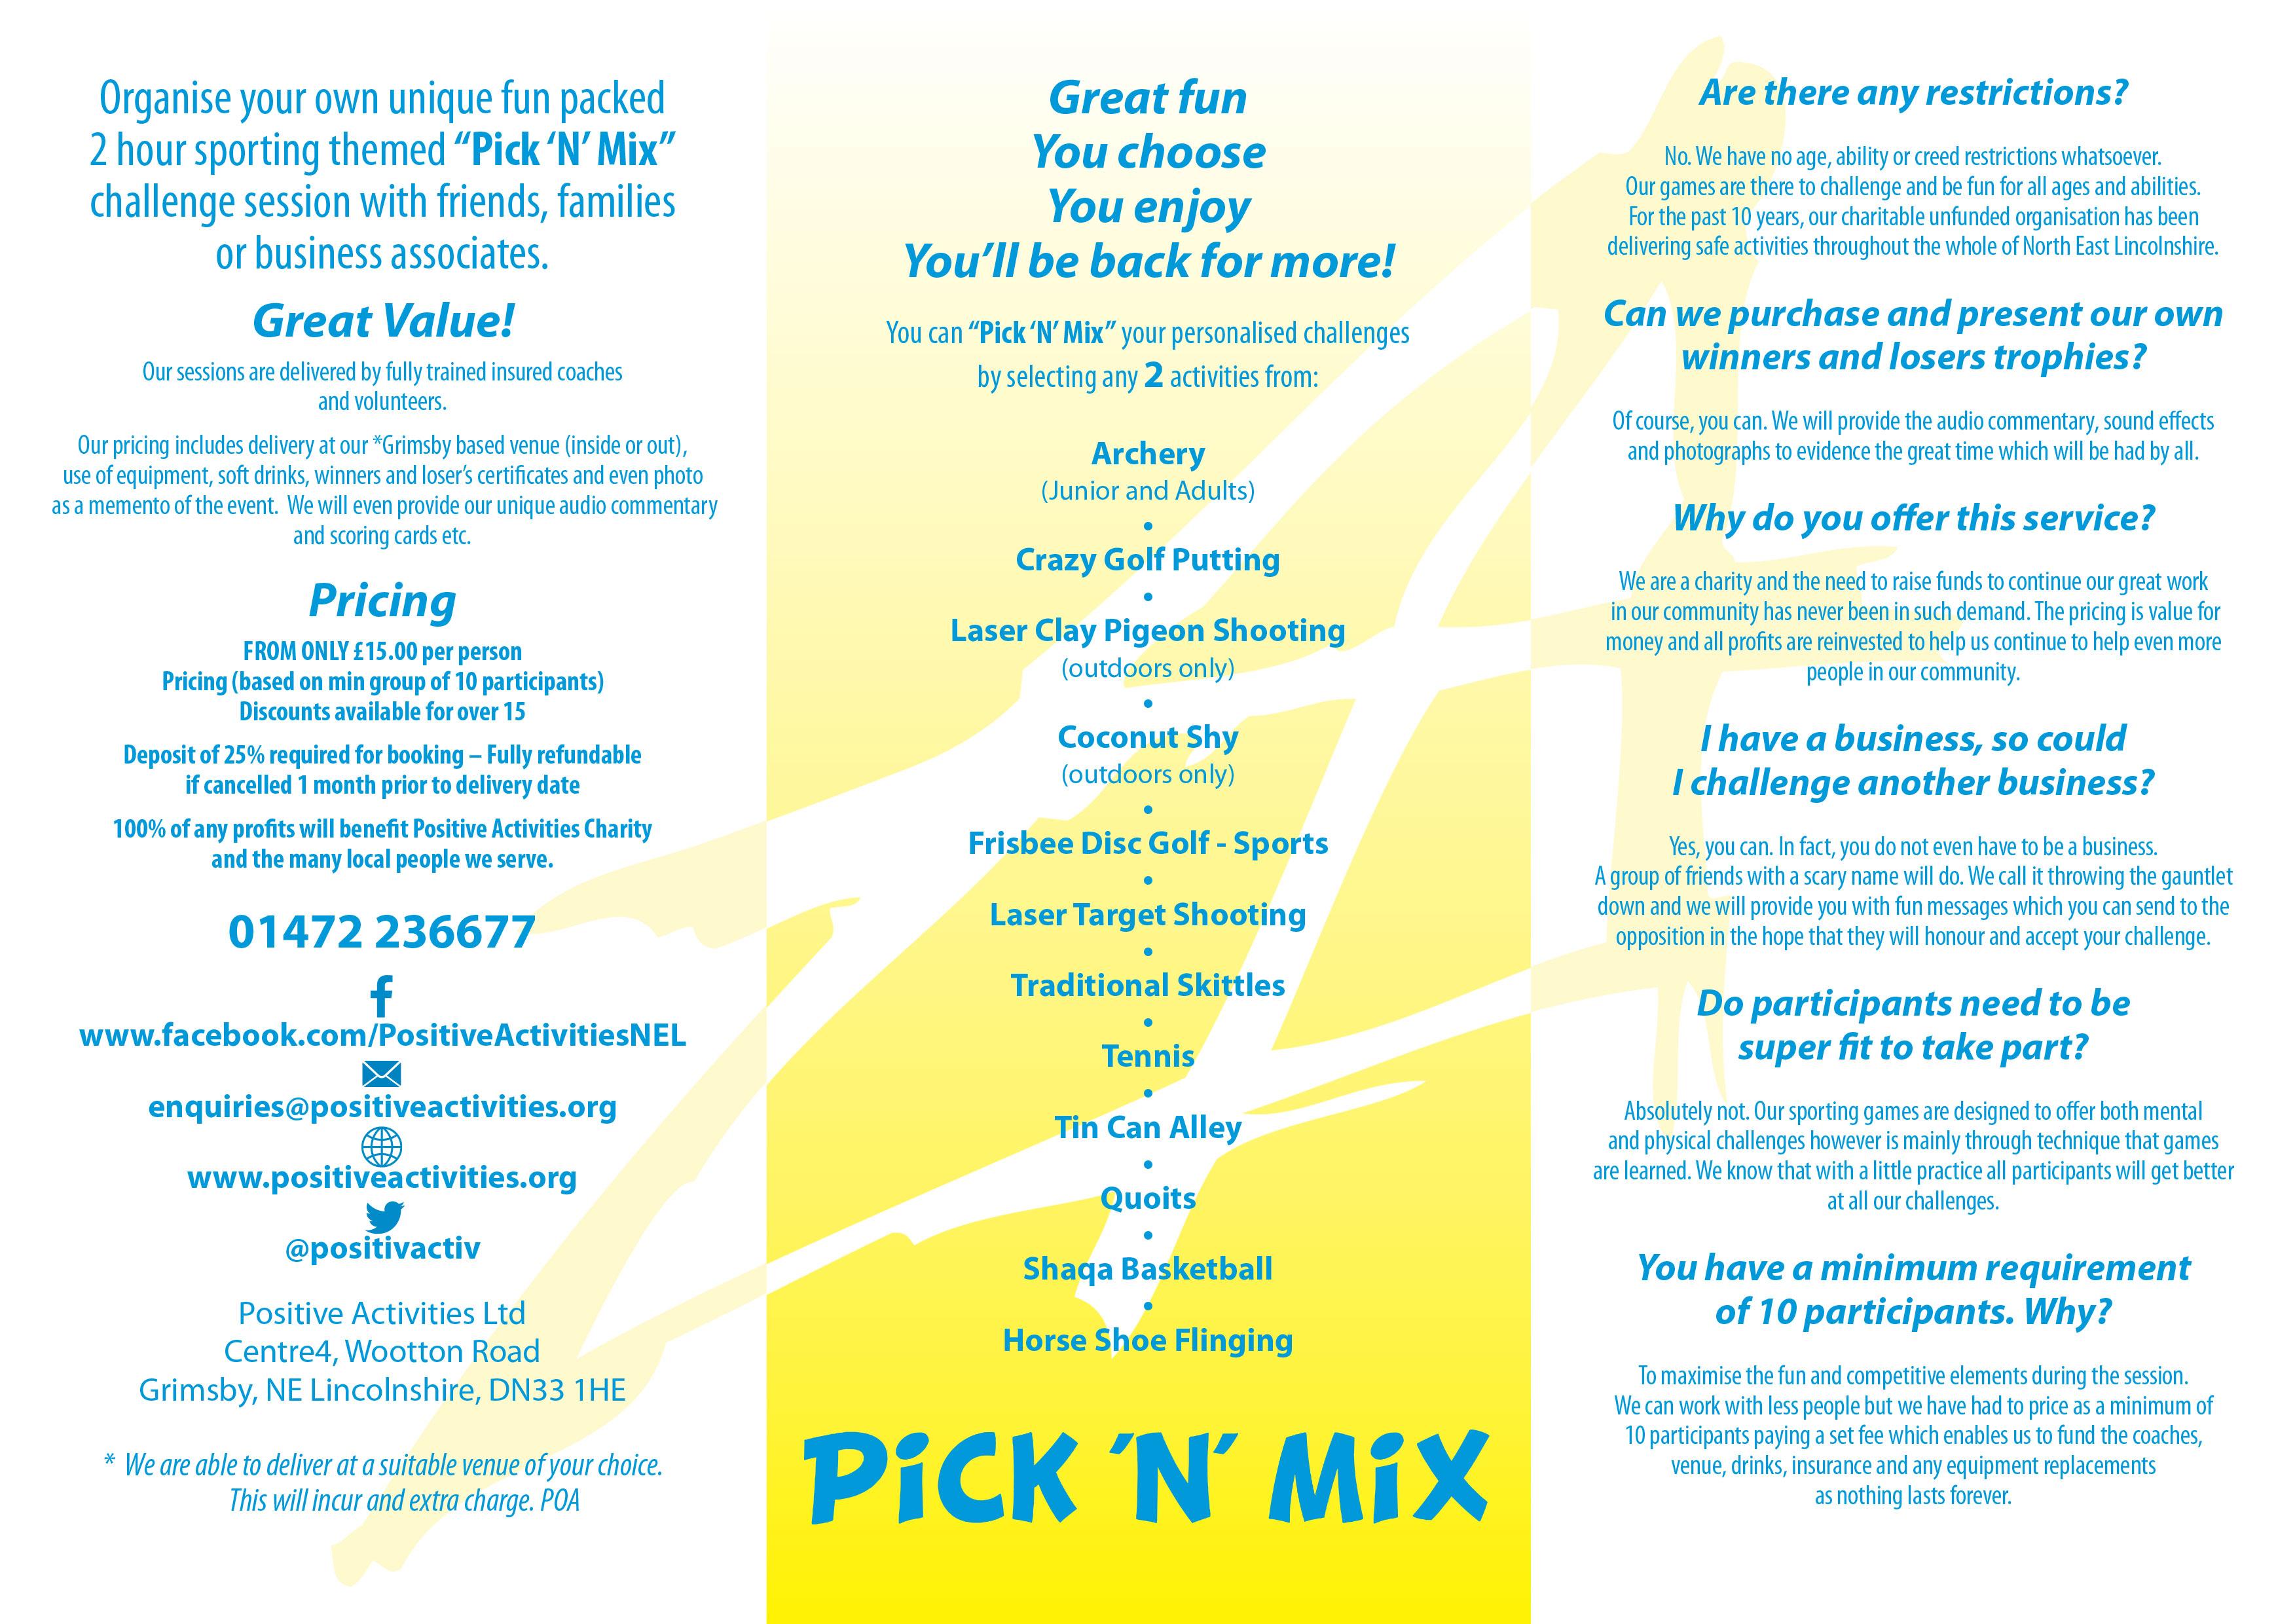 Picknmix 2